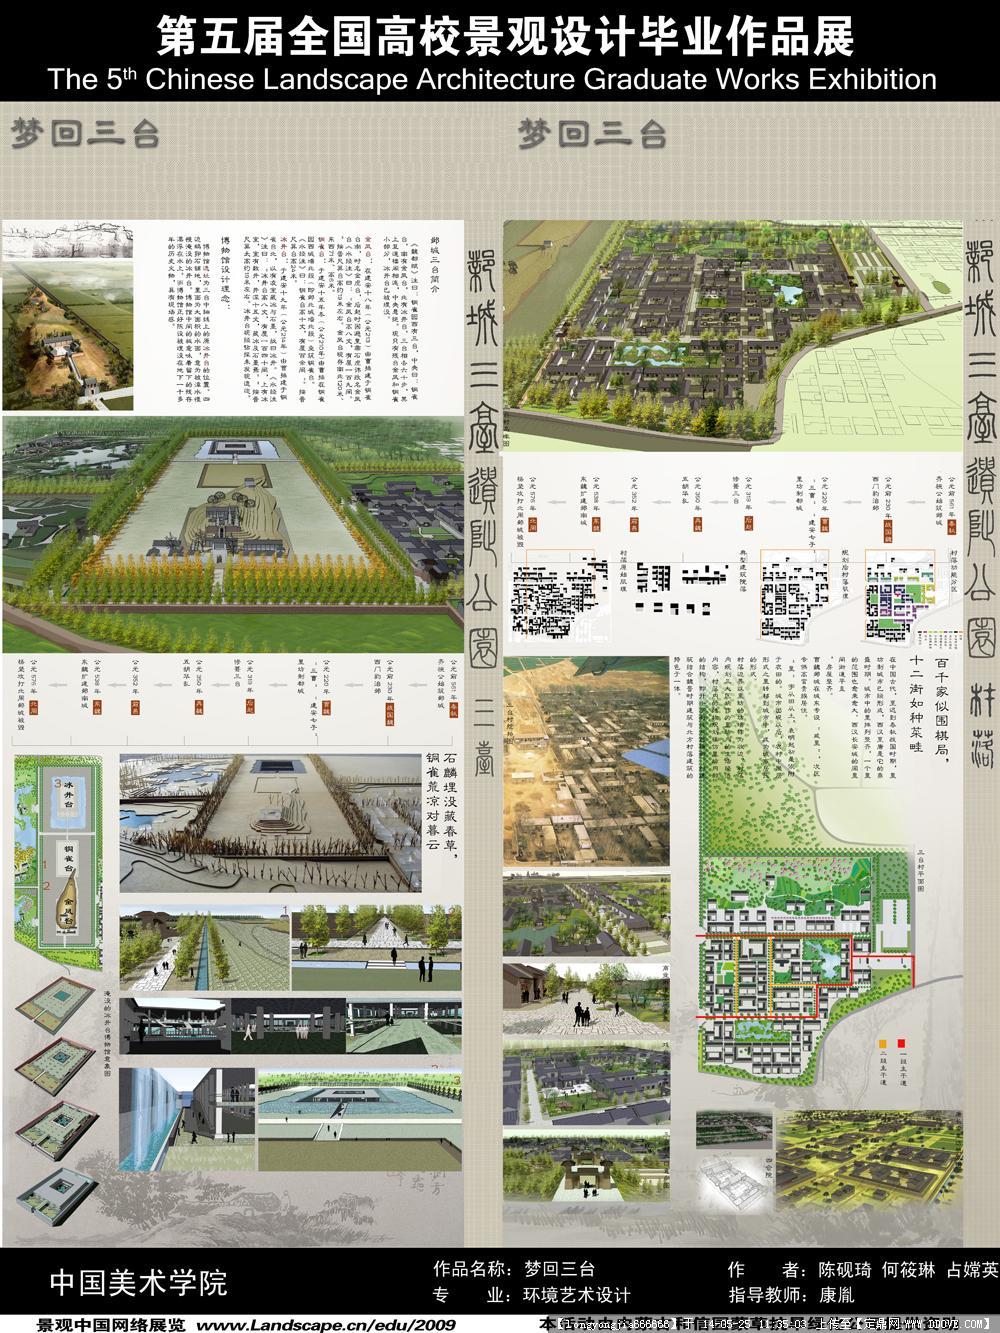 全国 优秀毕业设计 毕业作品 09的图片浏览,景观